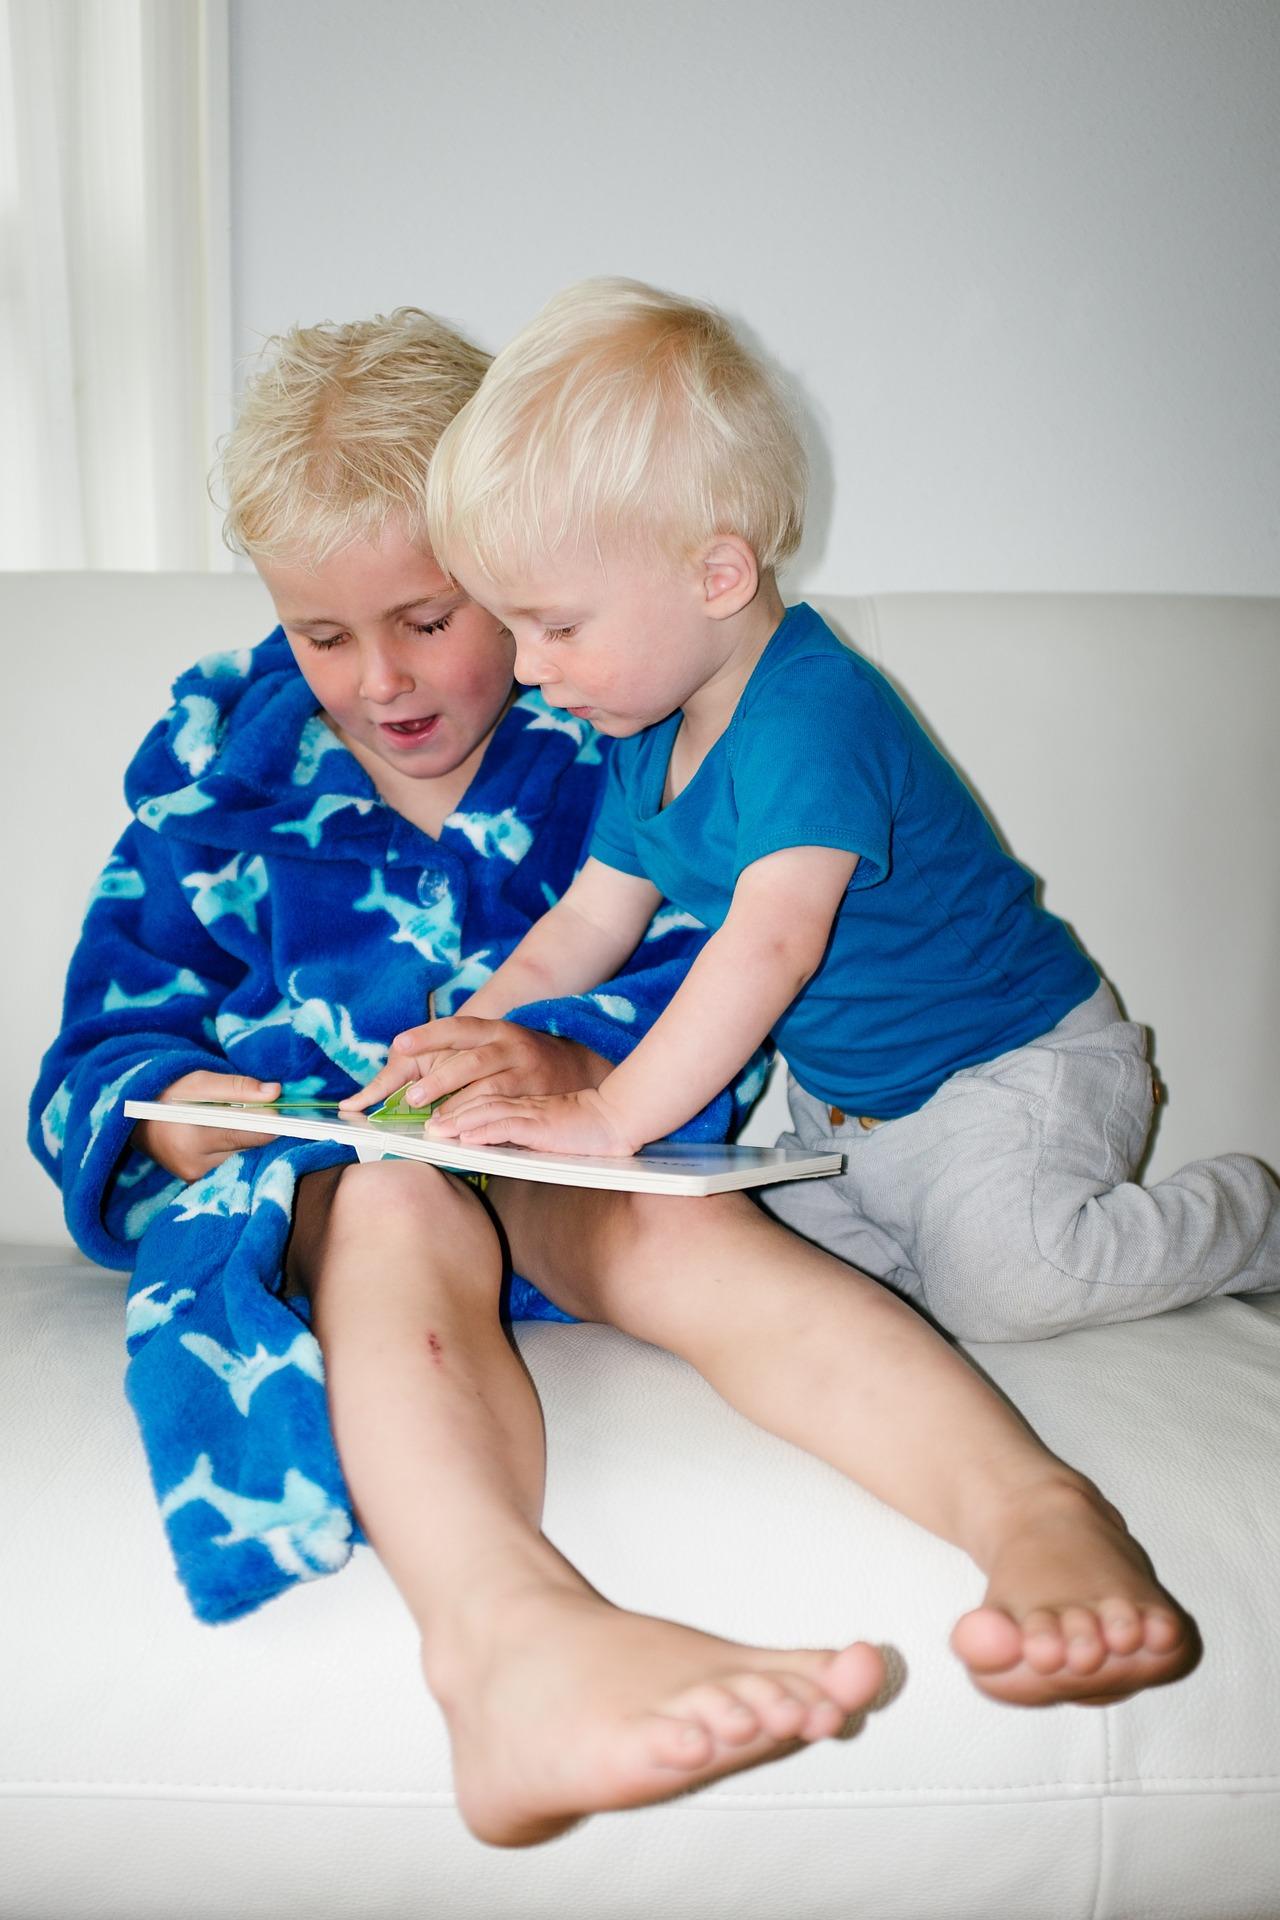 Dysleksi og fonologisk bevissthet i barnehage: Hva, hvorfor, hvordan og hvem?